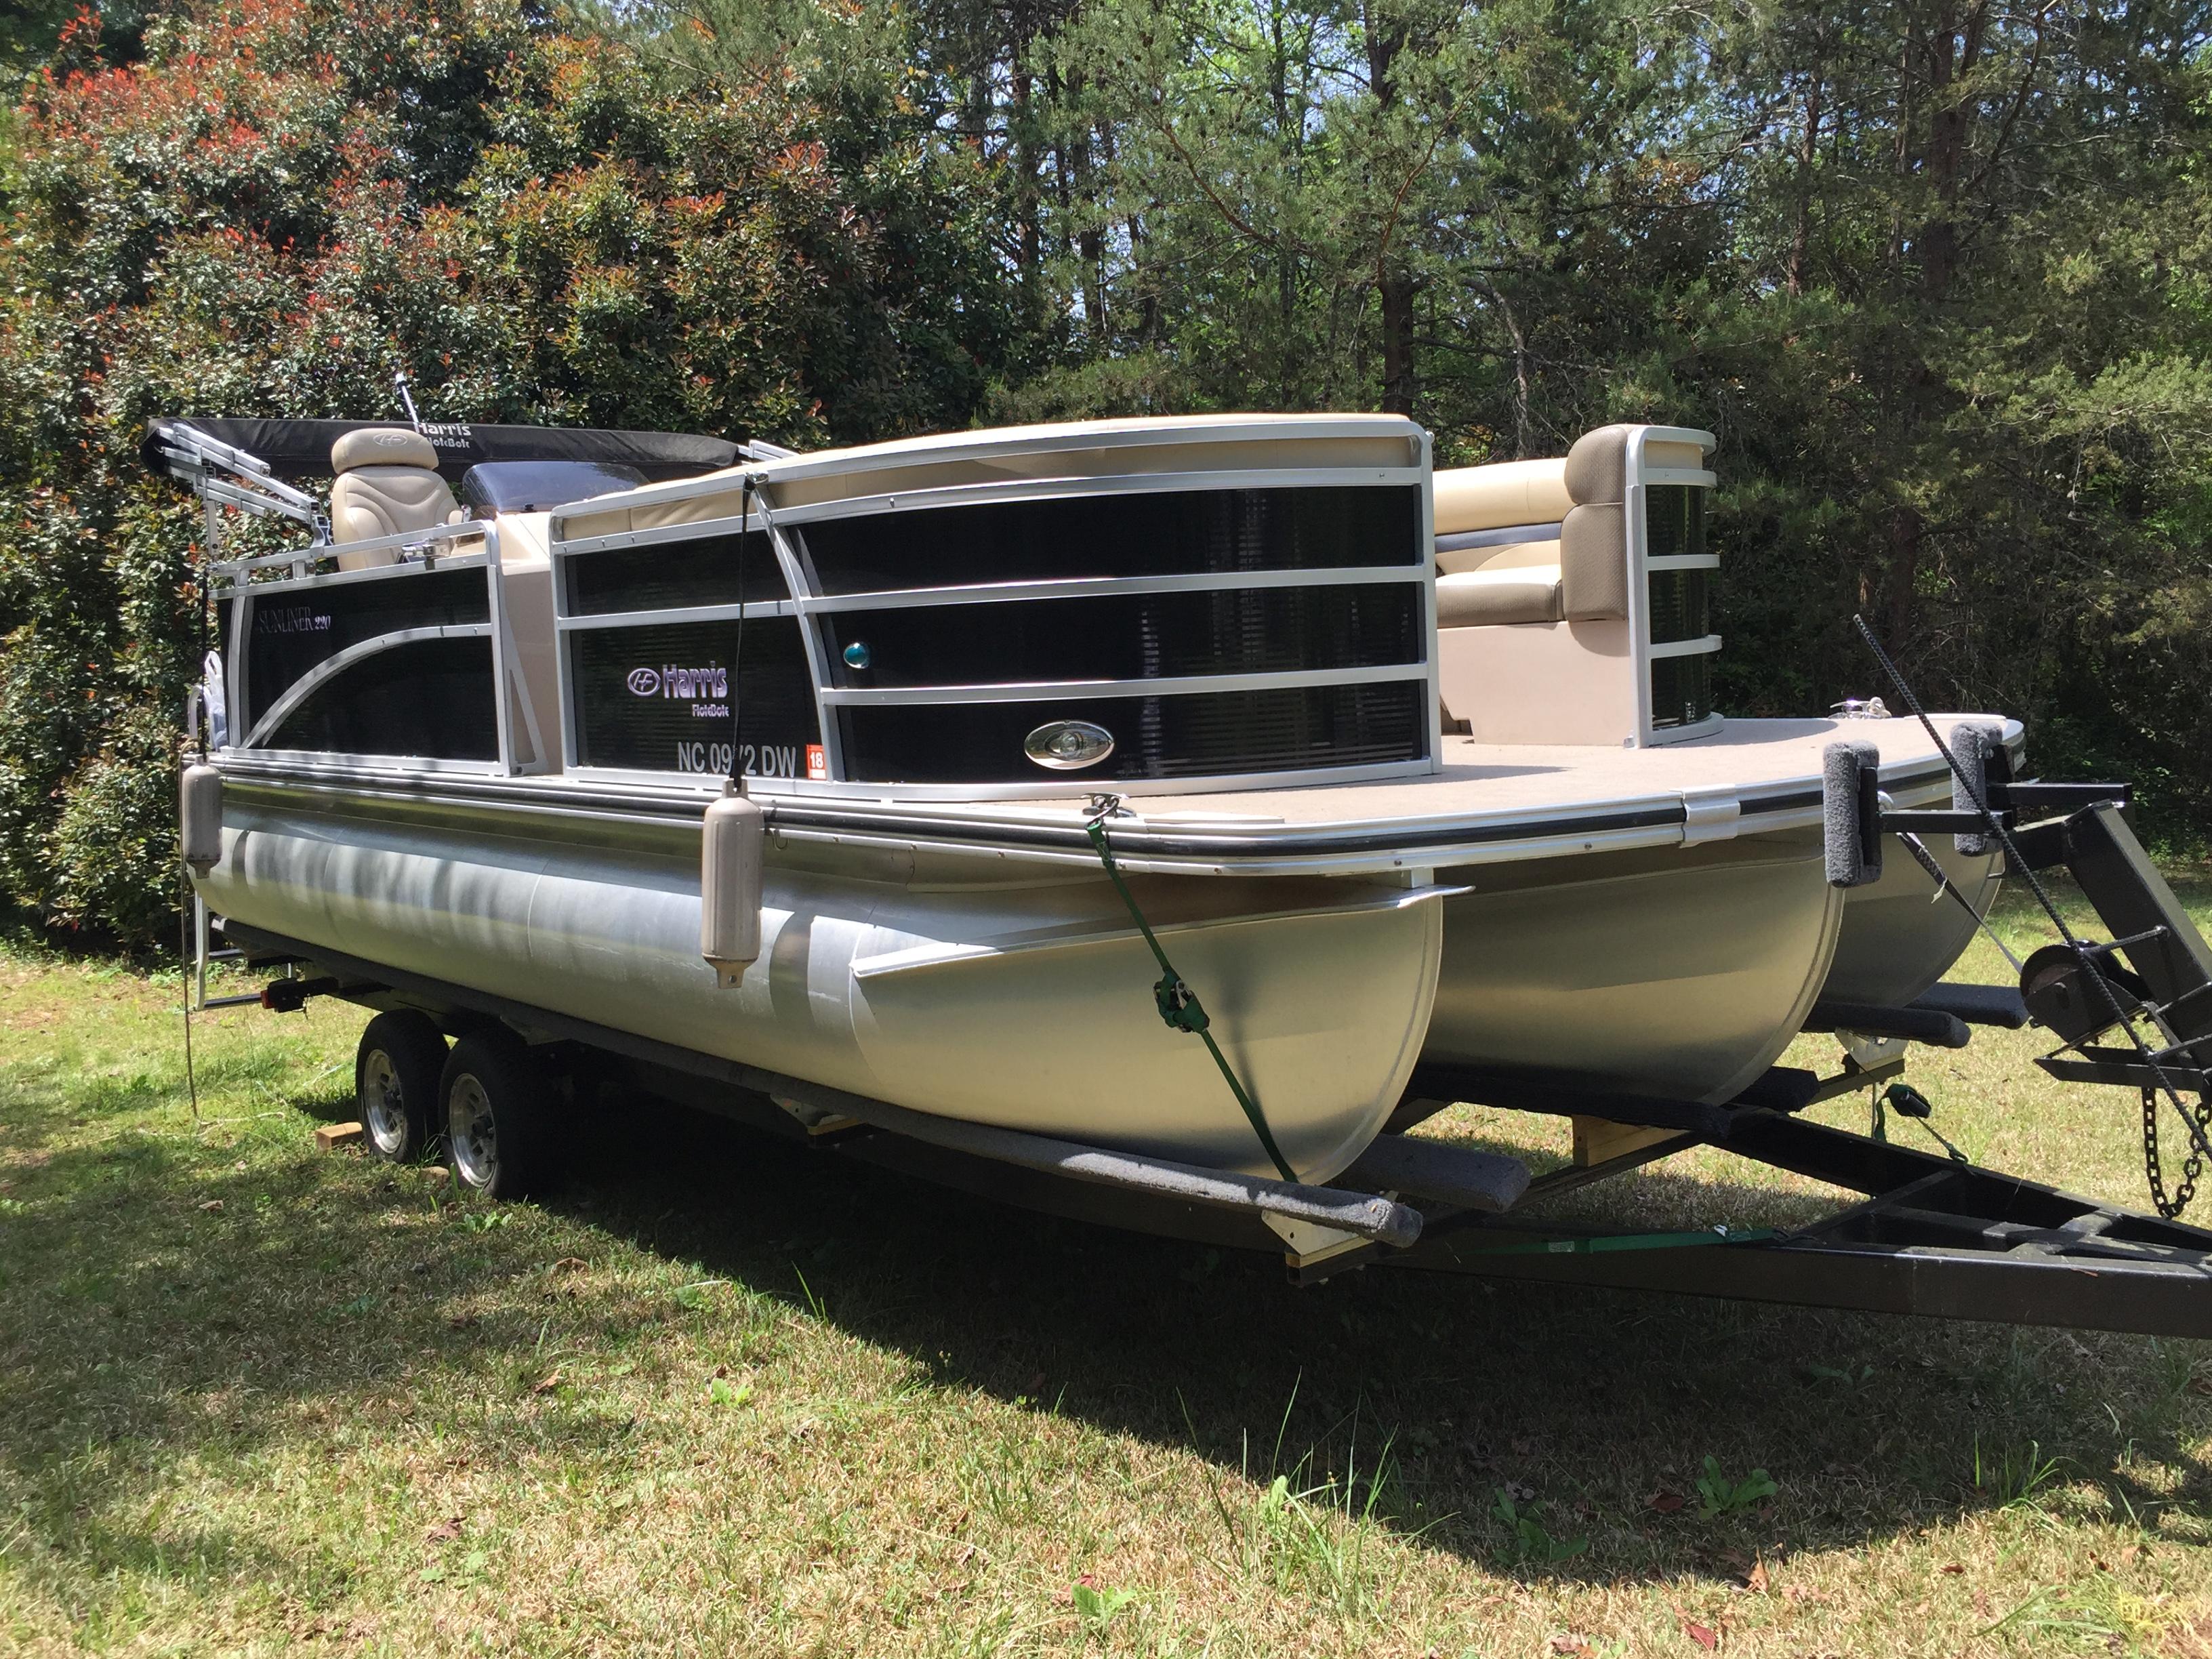 Harris Flotebote Sunliner 220 Tri-toon